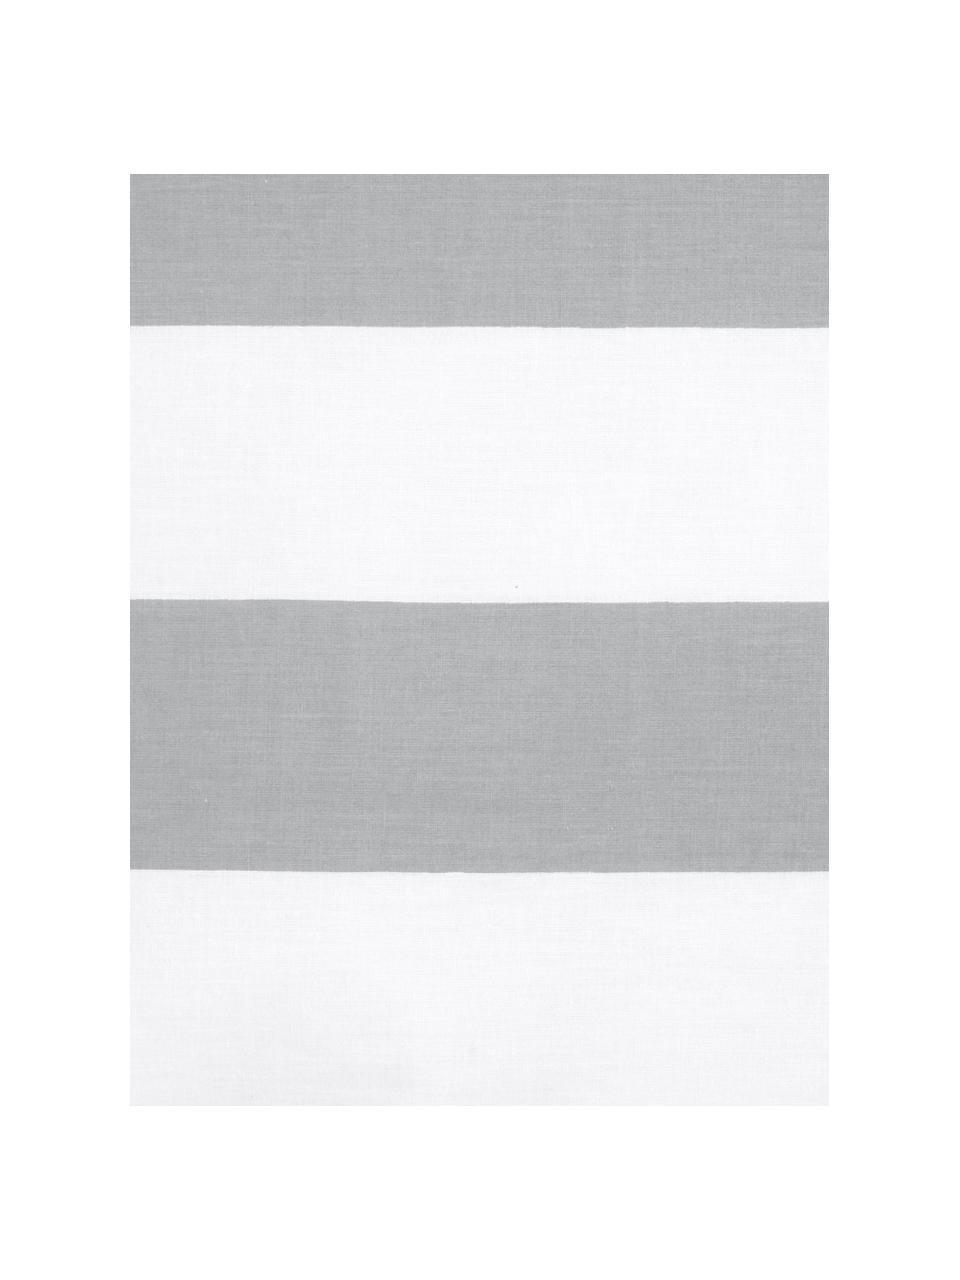 Gestreifte Baumwoll-Wendebettwäsche Lorena, Webart: Renforcé Fadendichte 144 , Weiß, Hellgrau, 135 x 200 cm + 1 Kissen 80 x 80 cm